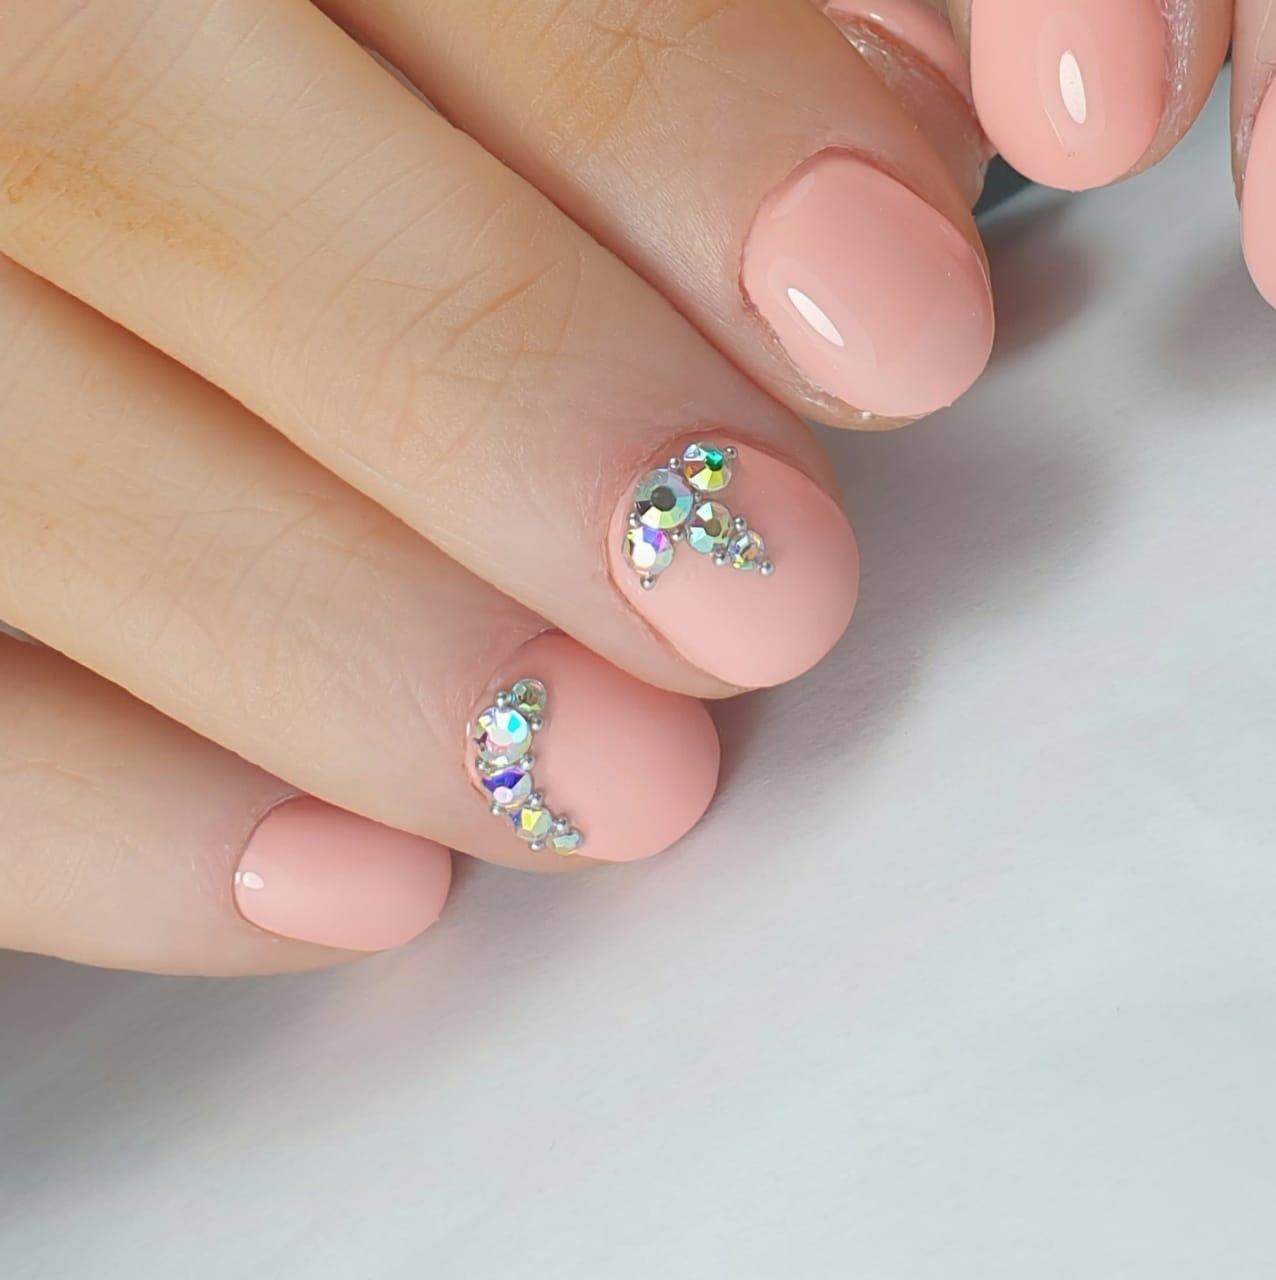 Маникюр со стразами в персиковом цвете на короткие ногти.